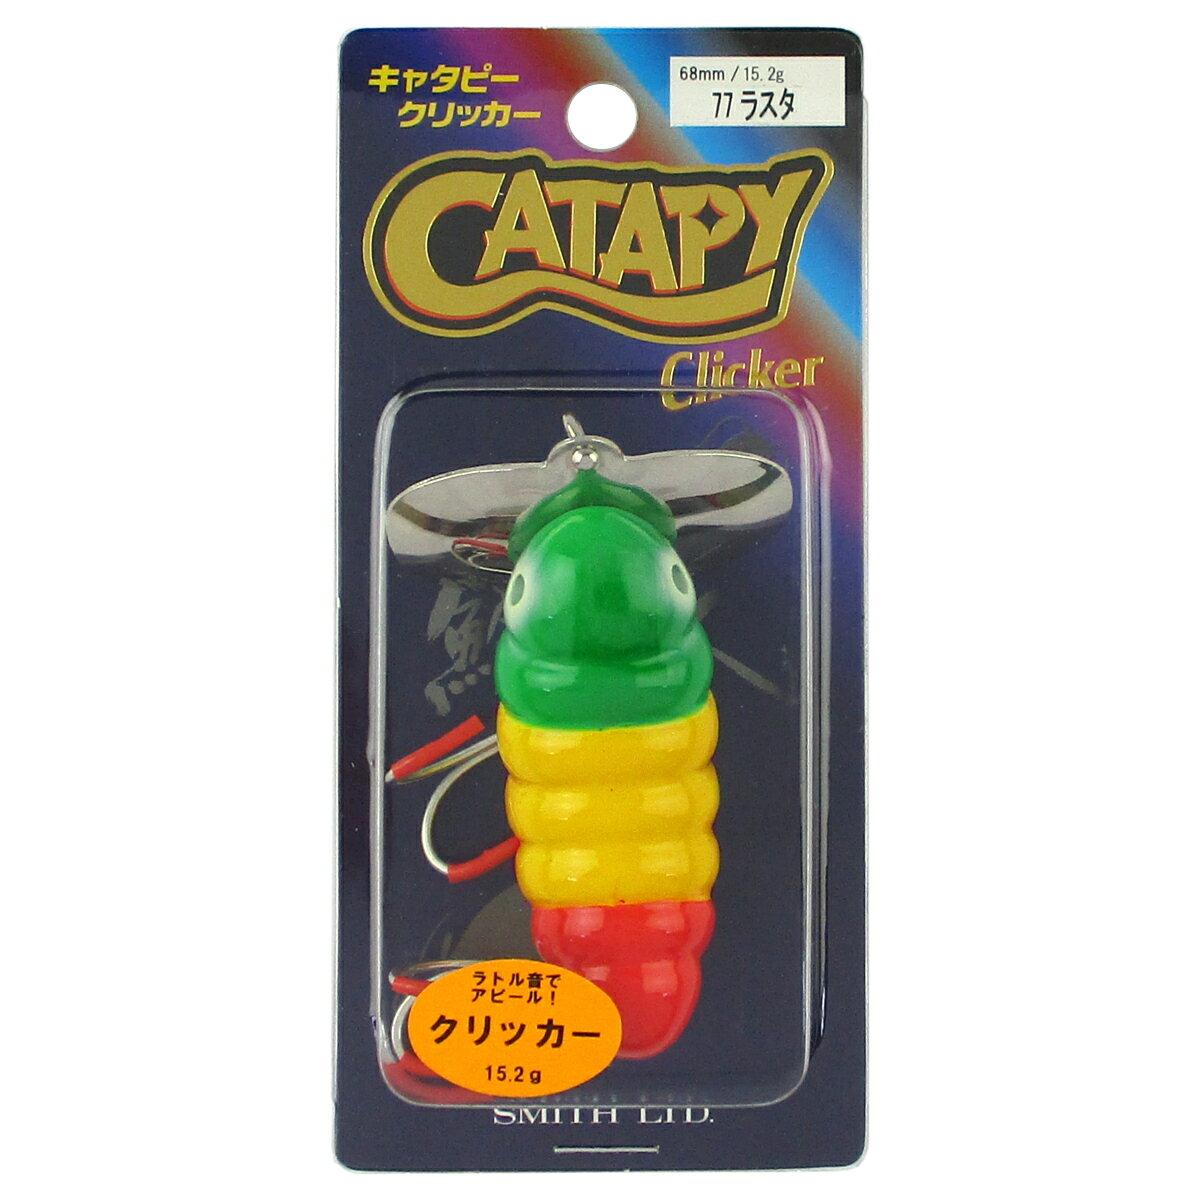 スミス キャタピー クリッカー 77 ラスタ(東日本店)